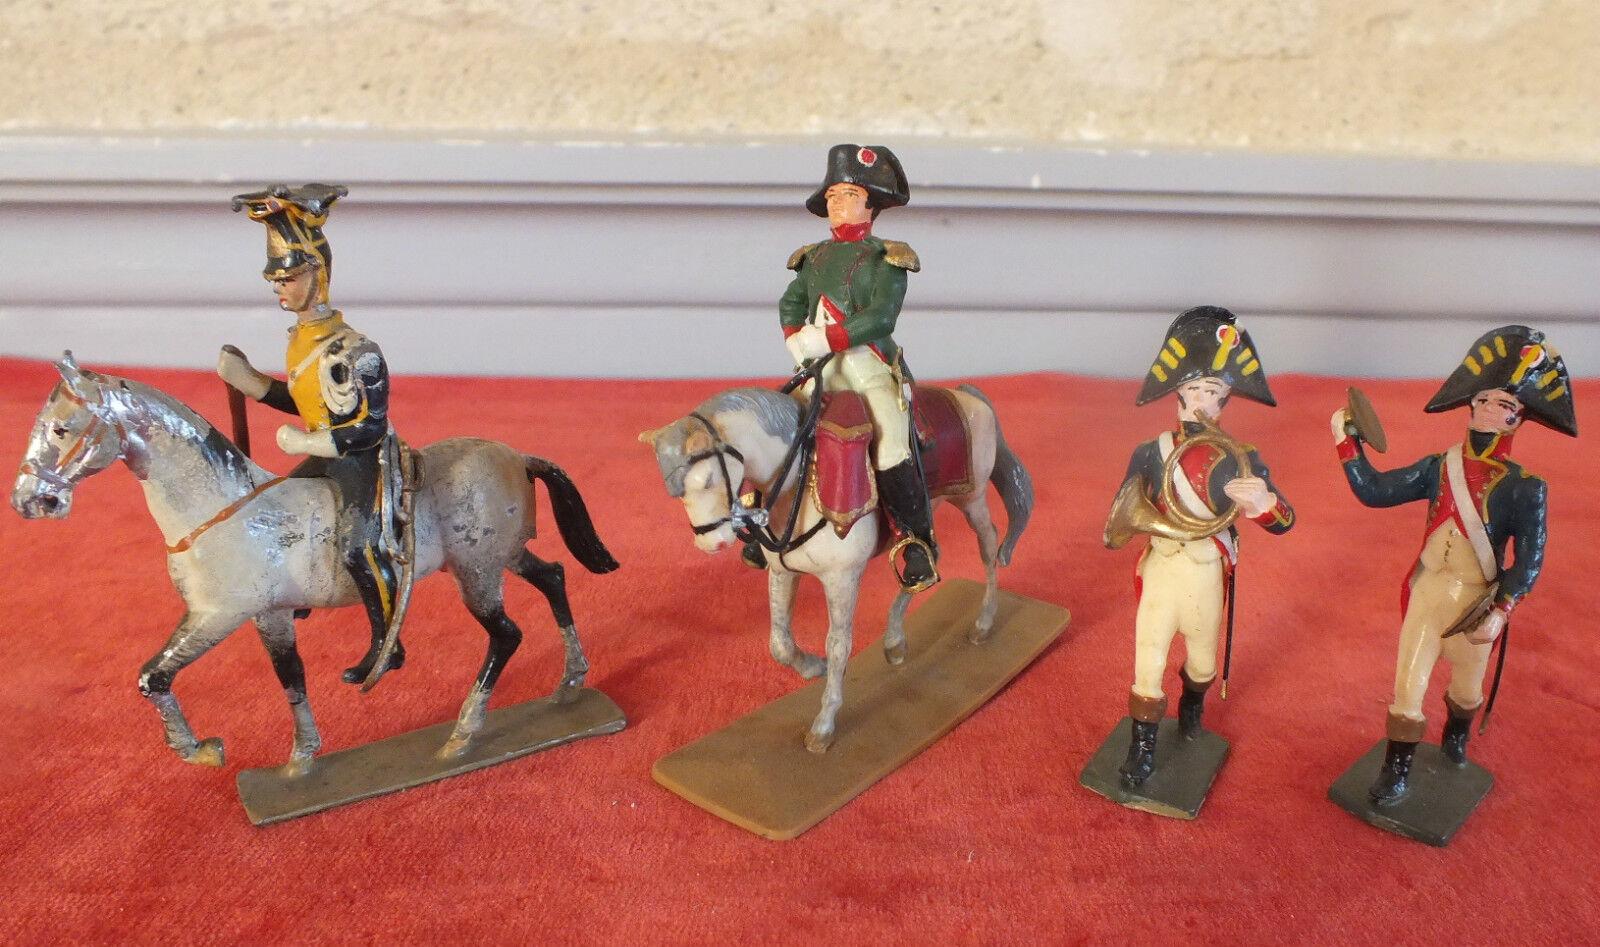 Soldat Reiter Kaiserreich 4 Pieces Napoleon Spielzeug Small Soldiers